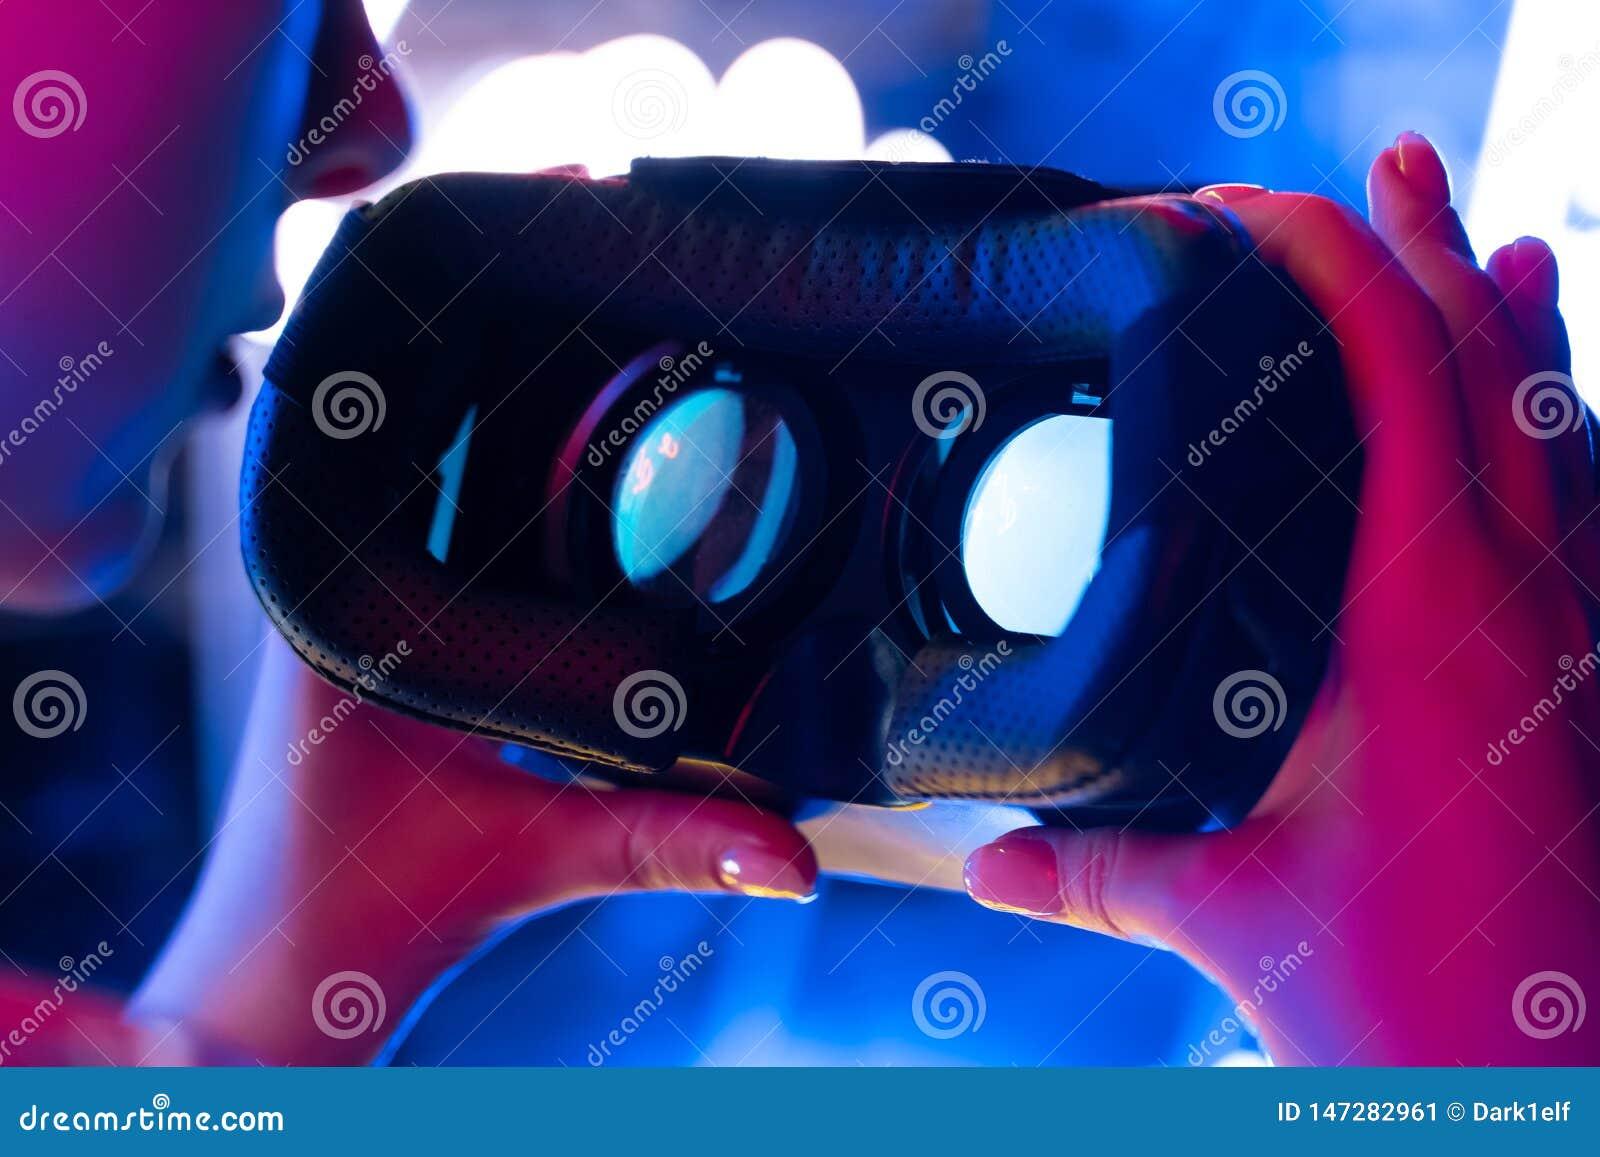 Les mains femelles tiennent des verres de casque du vr 3d 360 dans la lampe au néon futuriste, fin